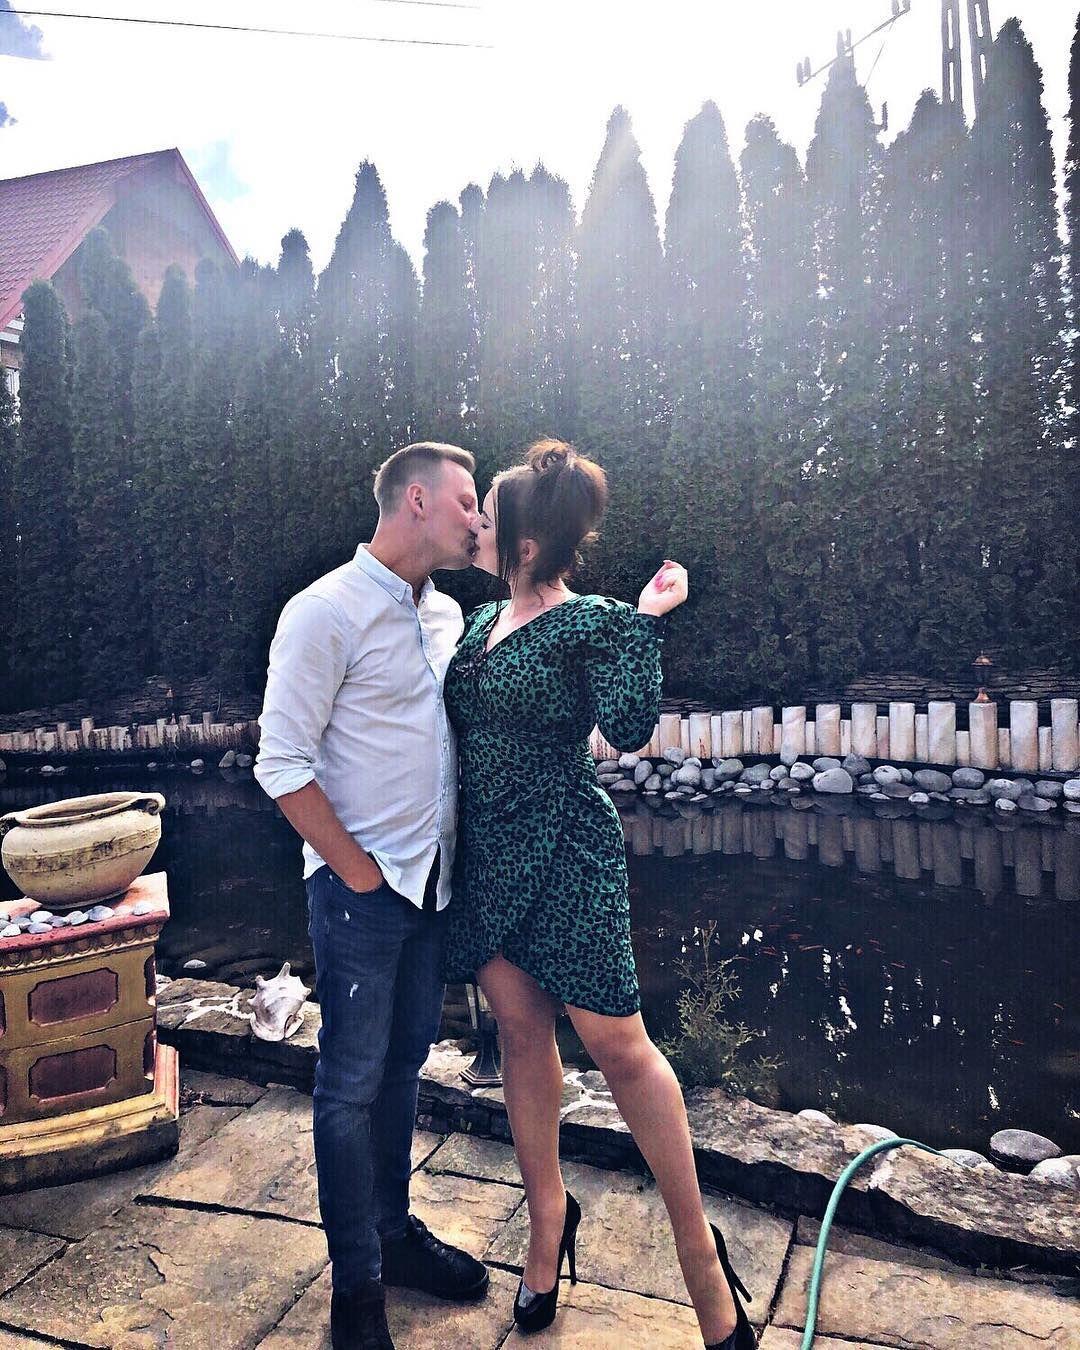 Good Morning Me Girl Polishgirl Kiss With My Boy